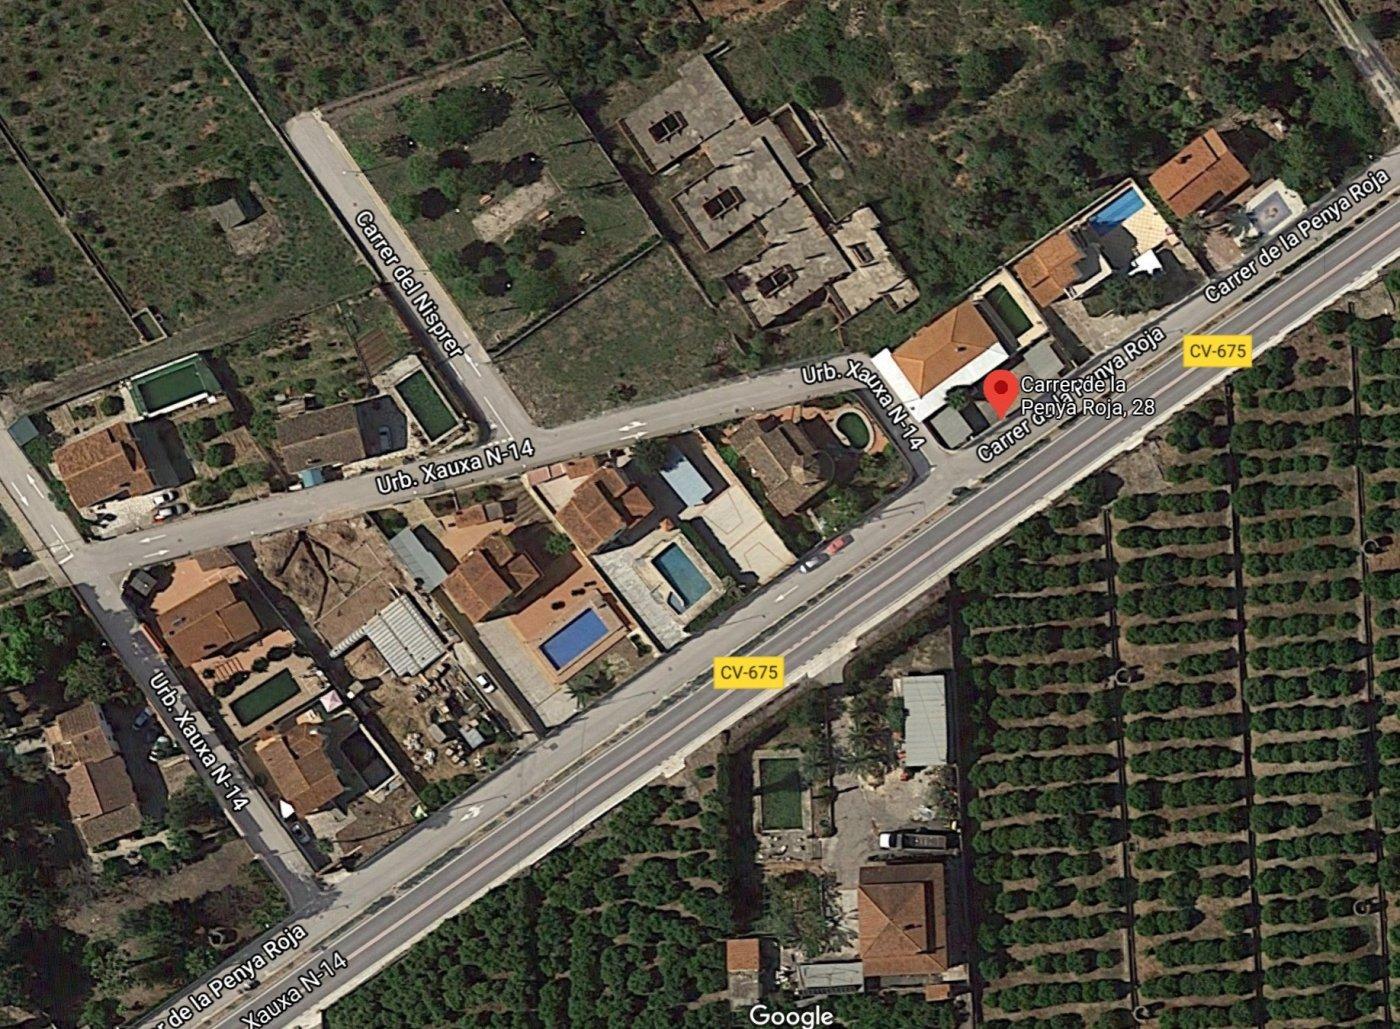 Chalet independiente en venta en calle penya-roja (de la), 28, 46728, gandia (valencia) - imagenInmueble18